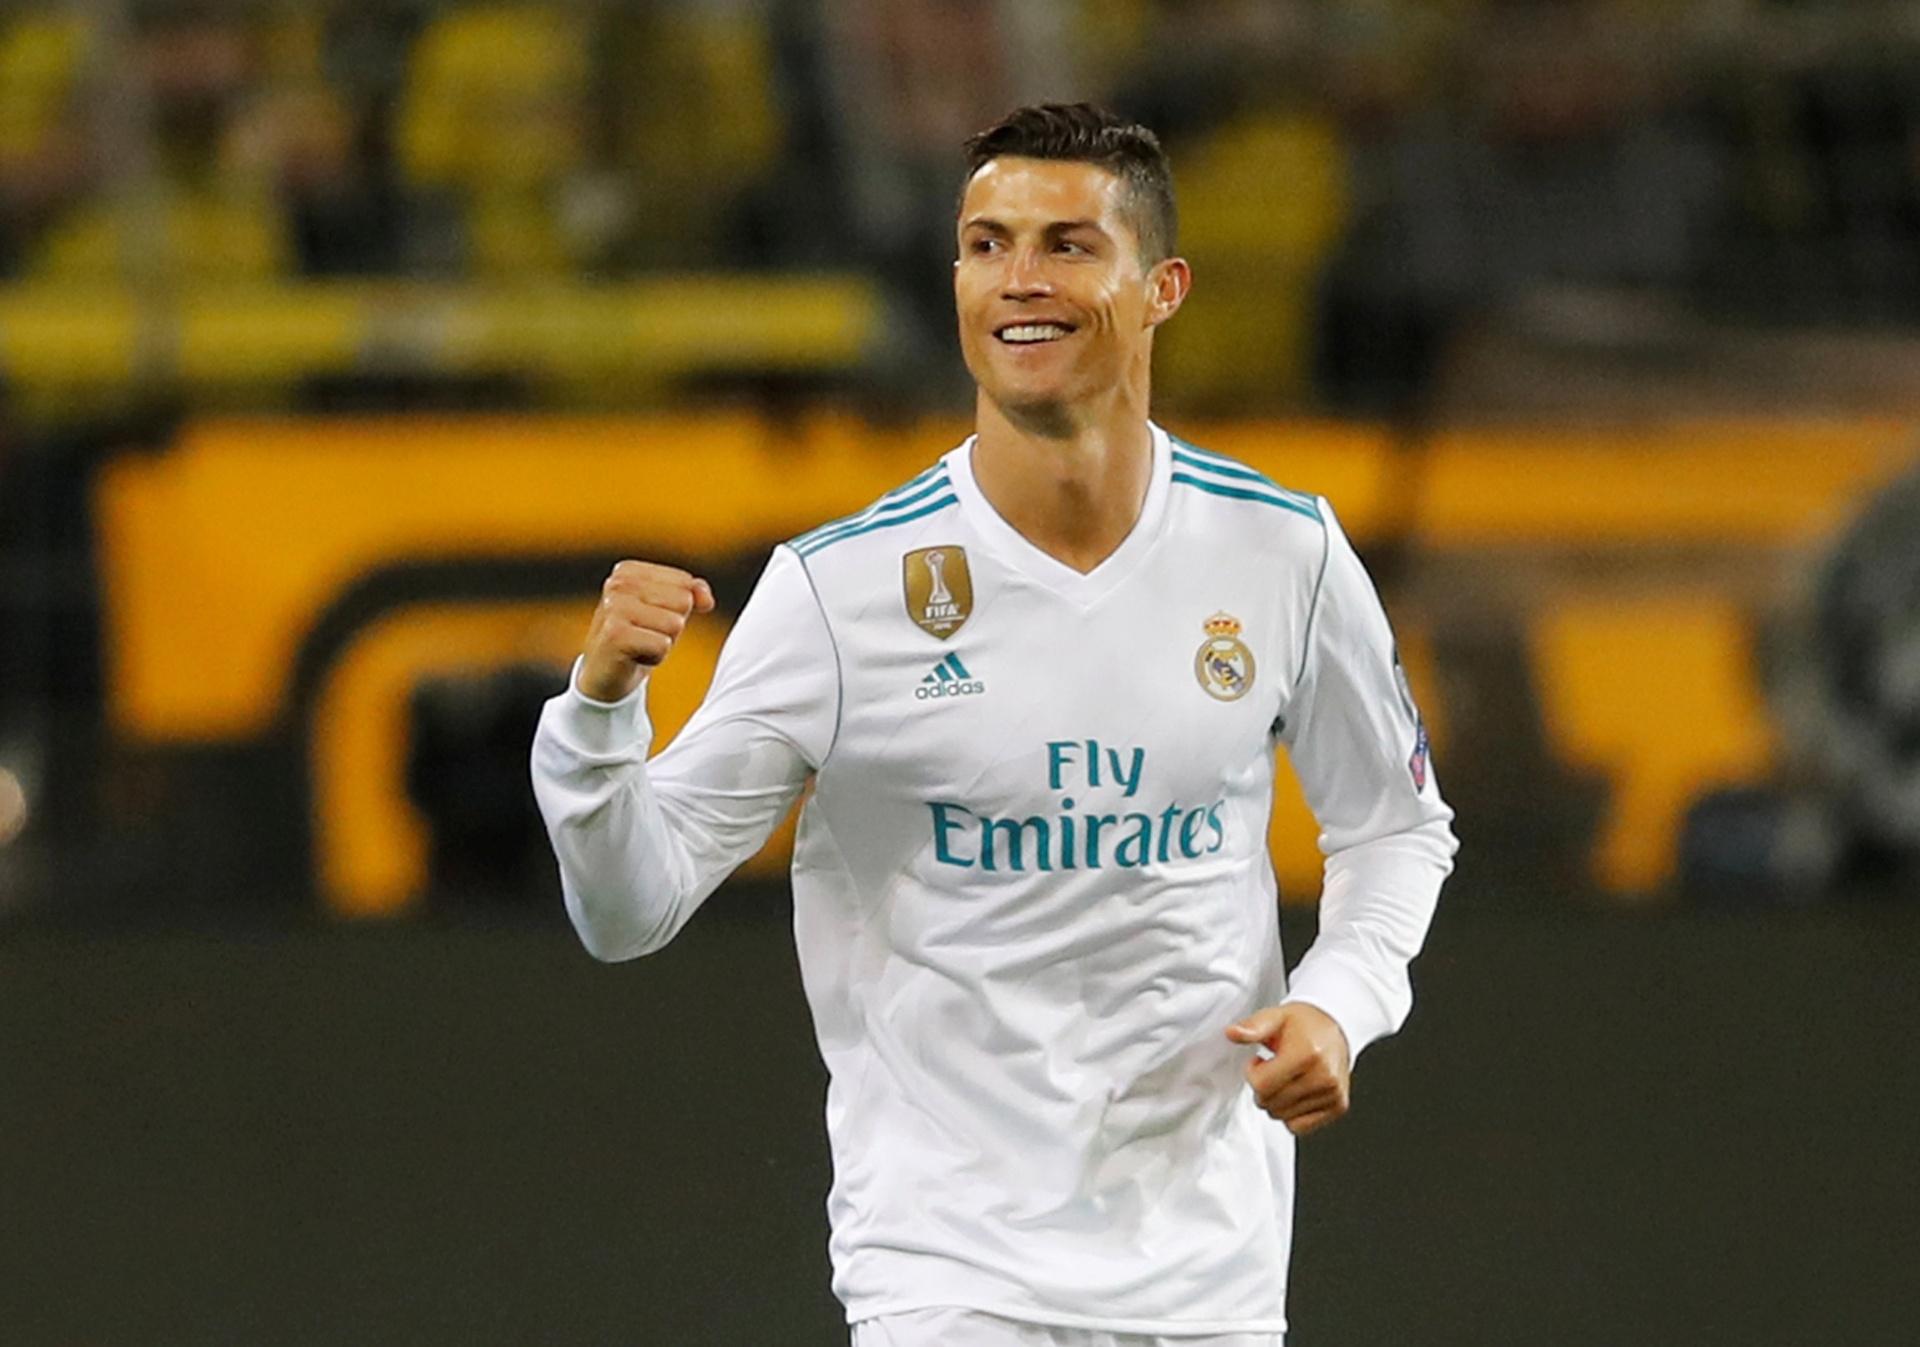 cristiano-ronaldo-comemora-seu-gol-contra-o-dortmund-o-segundo-do-real-no-jogo-1506456265633 1920x1347.jpg 40982ba75d007